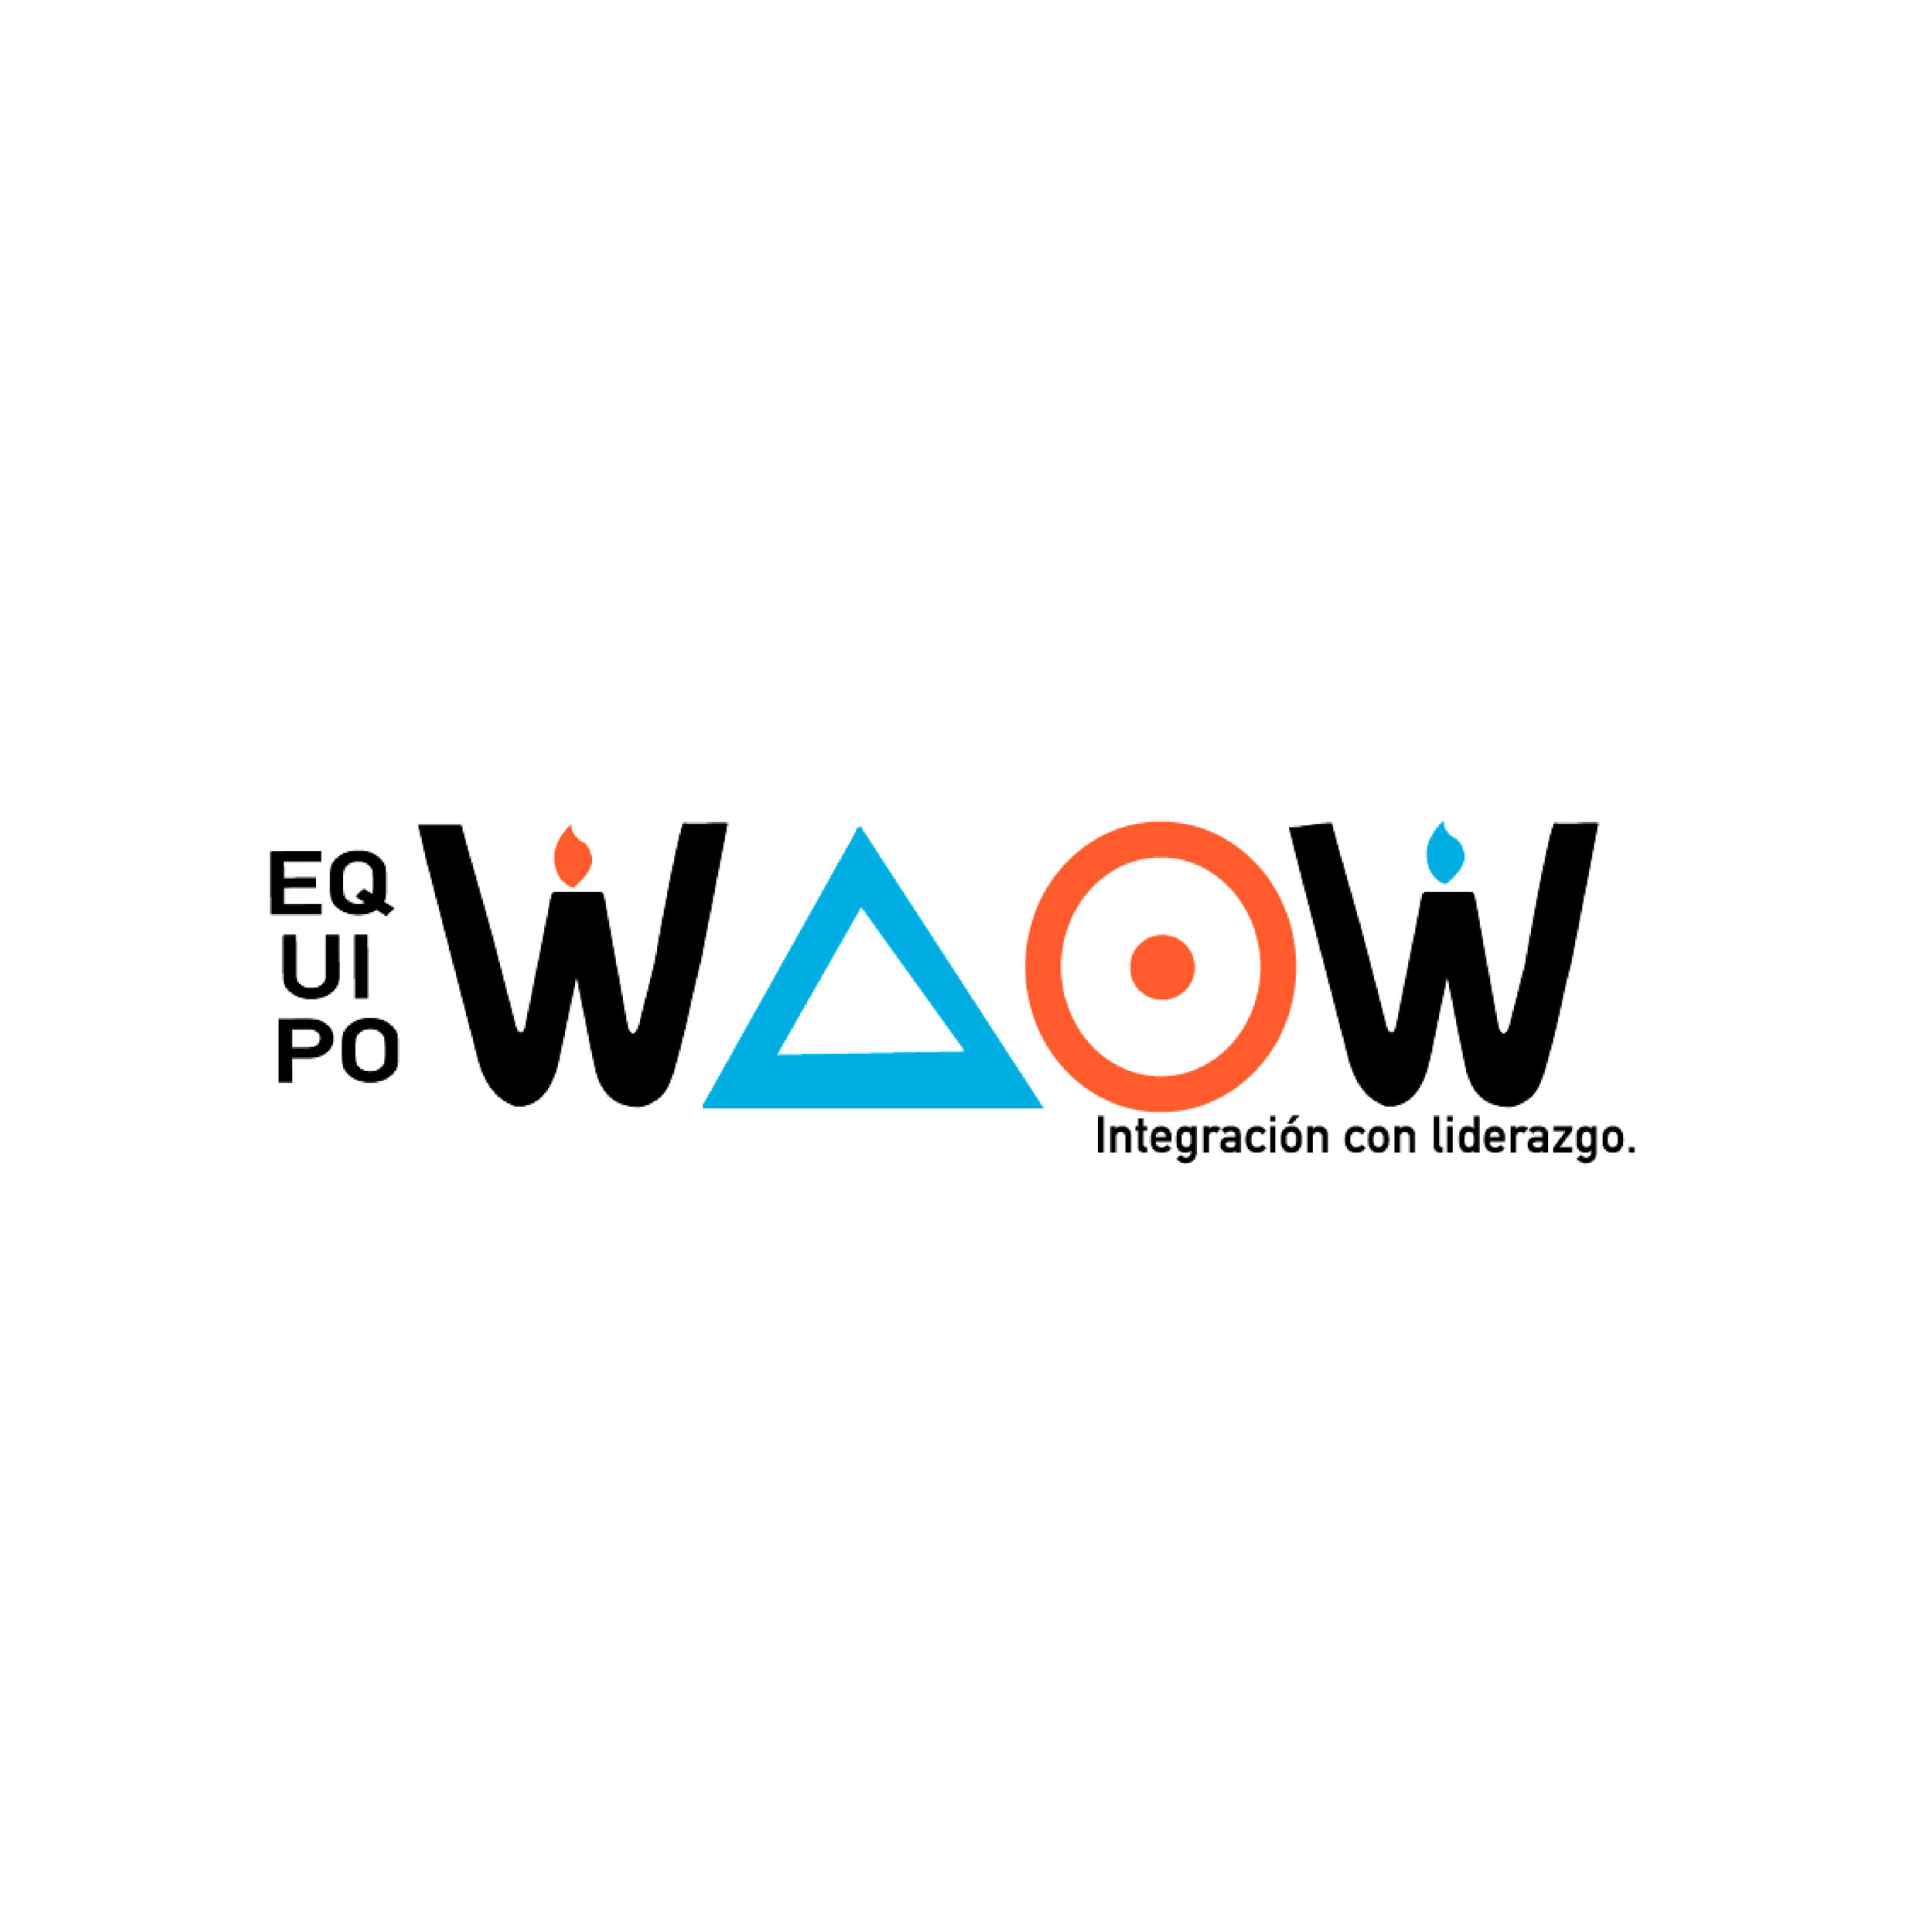 WAOW-01.jpg